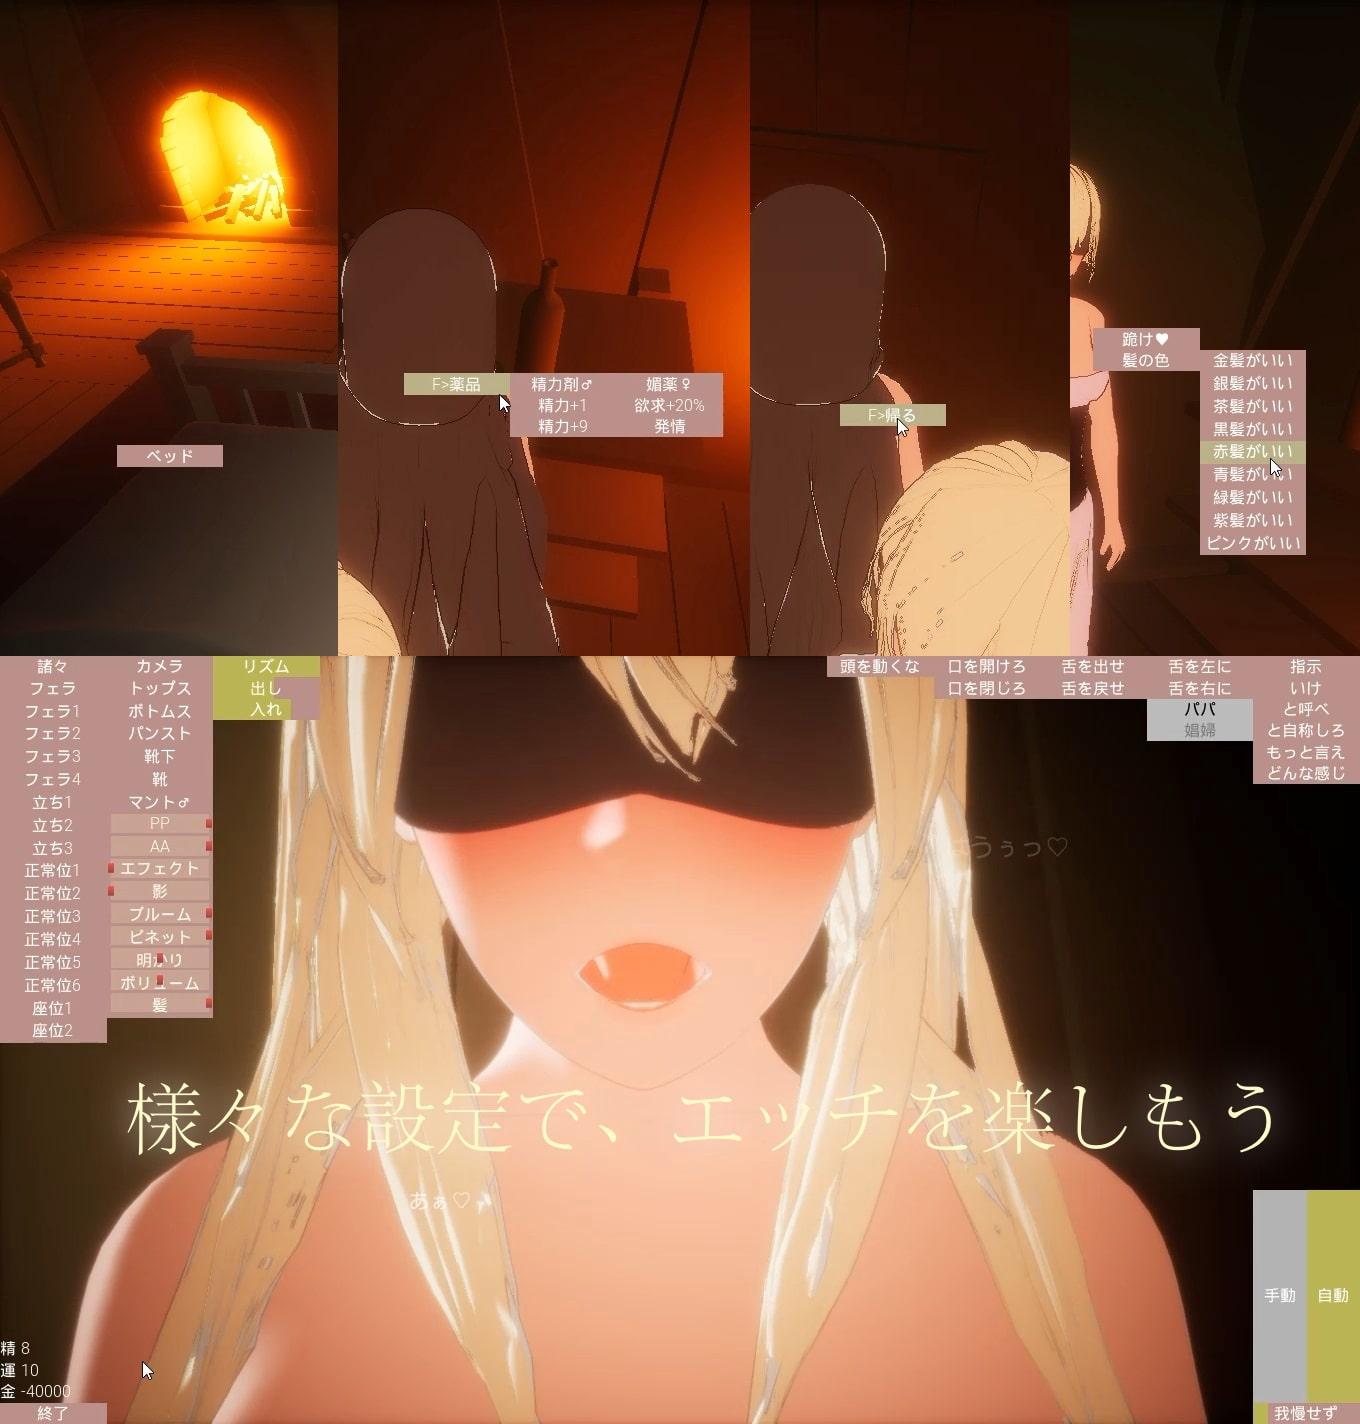 RJ342954 娼女とブラックジャック-幸運の女神はタダじゃない [20210911]